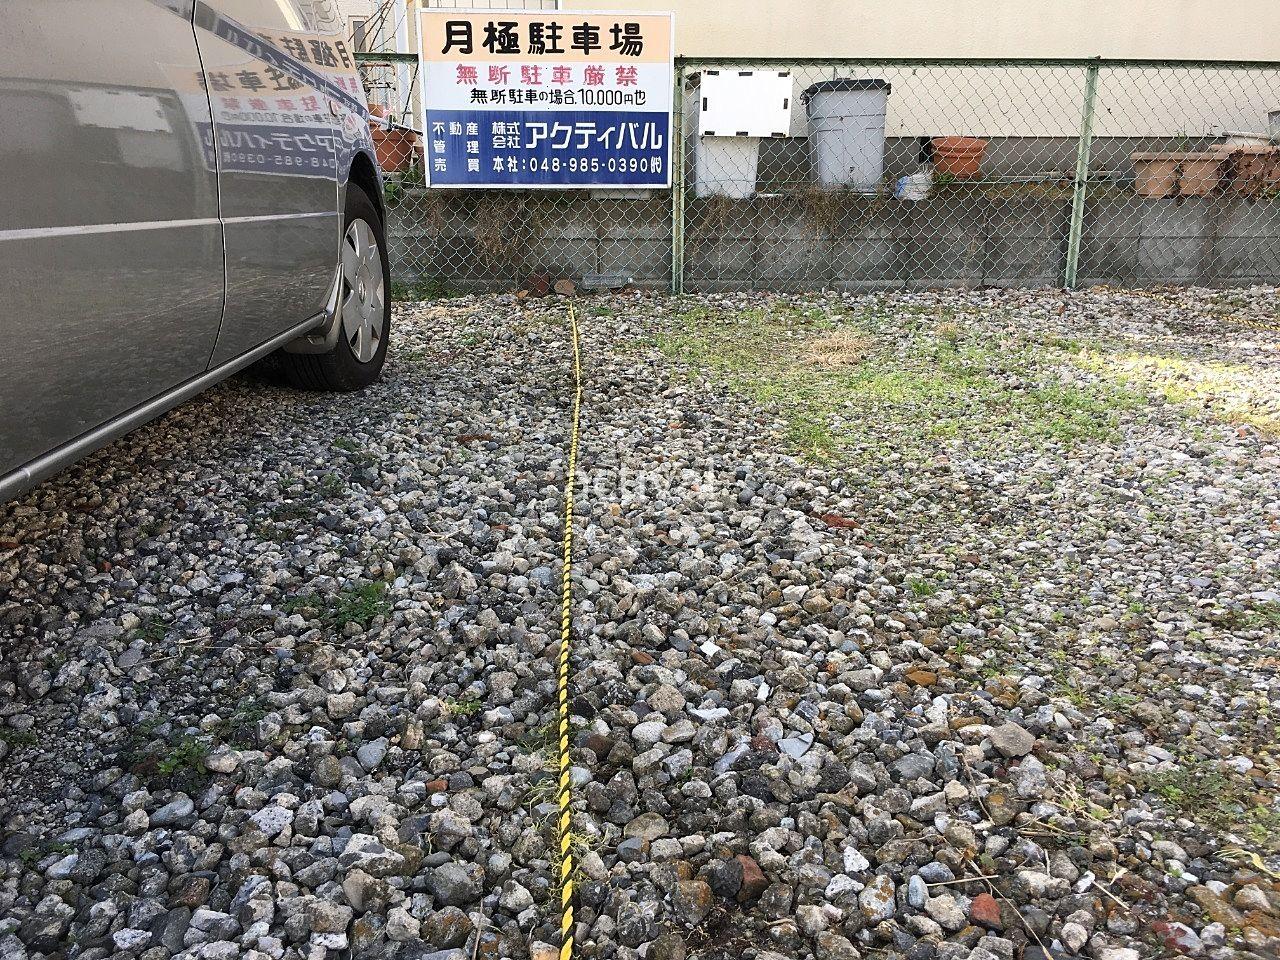 月極駐車場のロープ張り替え作業が完了しました!